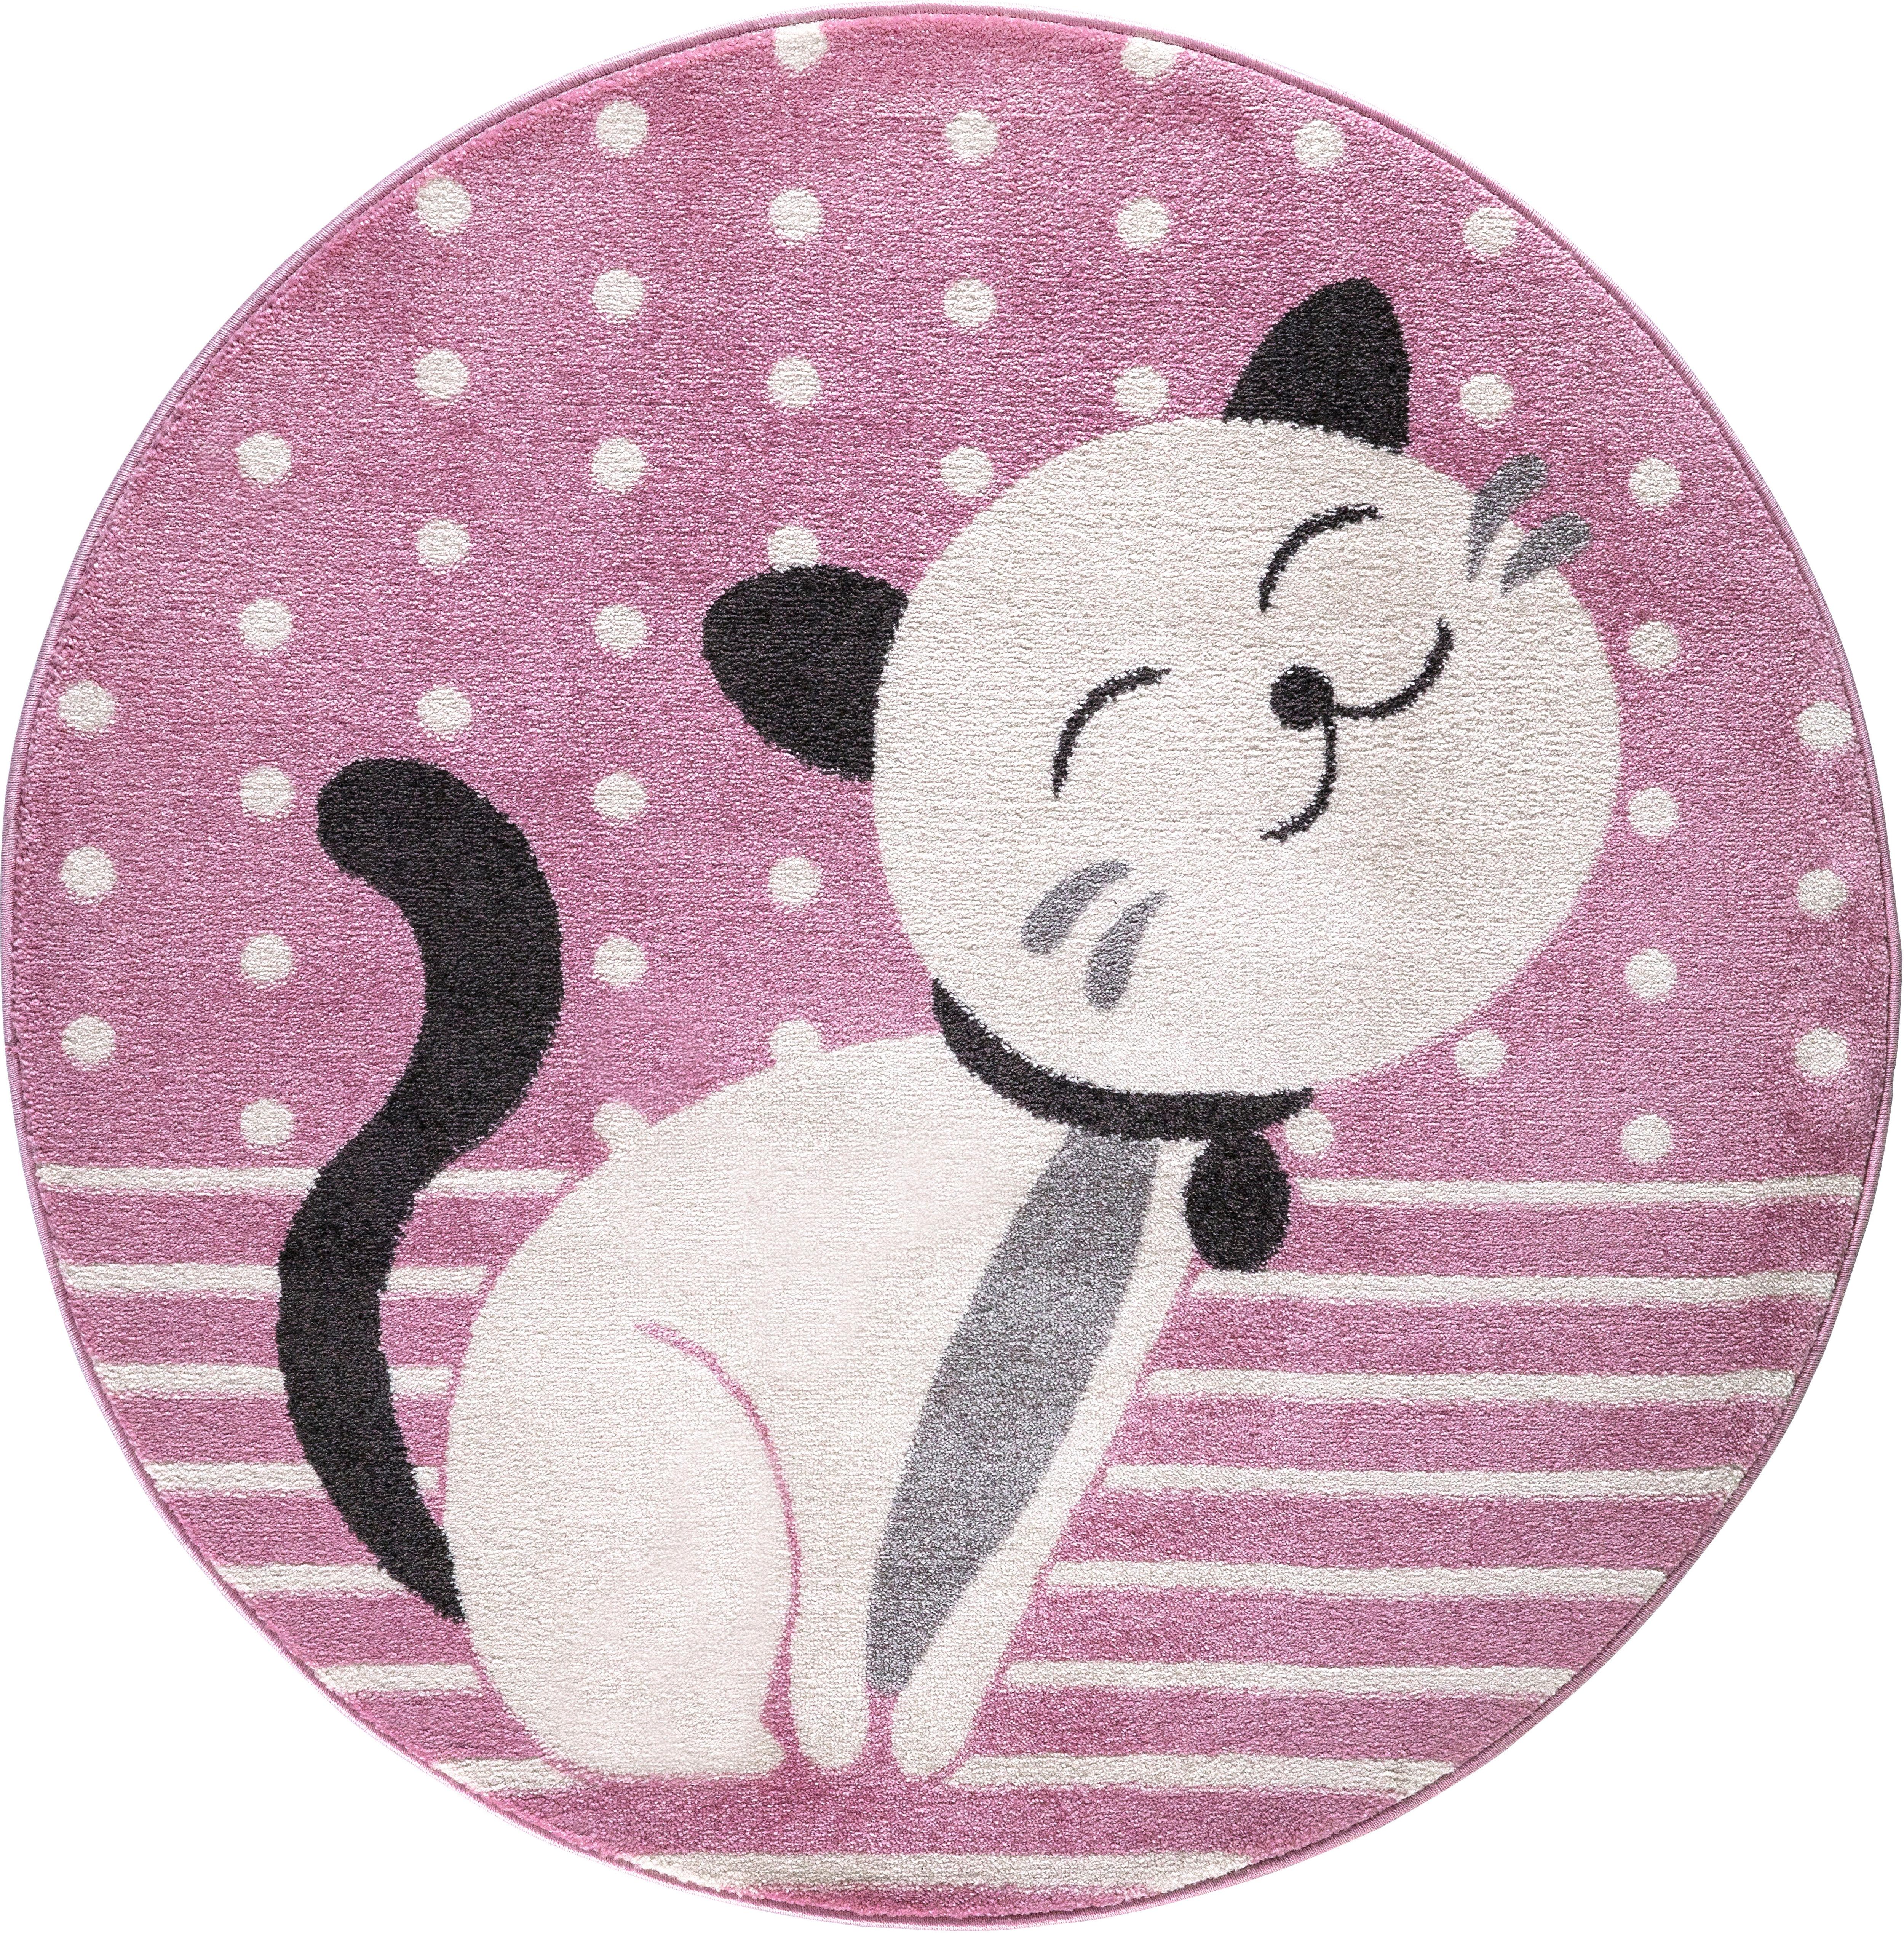 Festival Kinderteppich Candy 158, rund, 11 mm Höhe, Motiv Katze rosa Kinder Kinderteppiche mit Teppiche